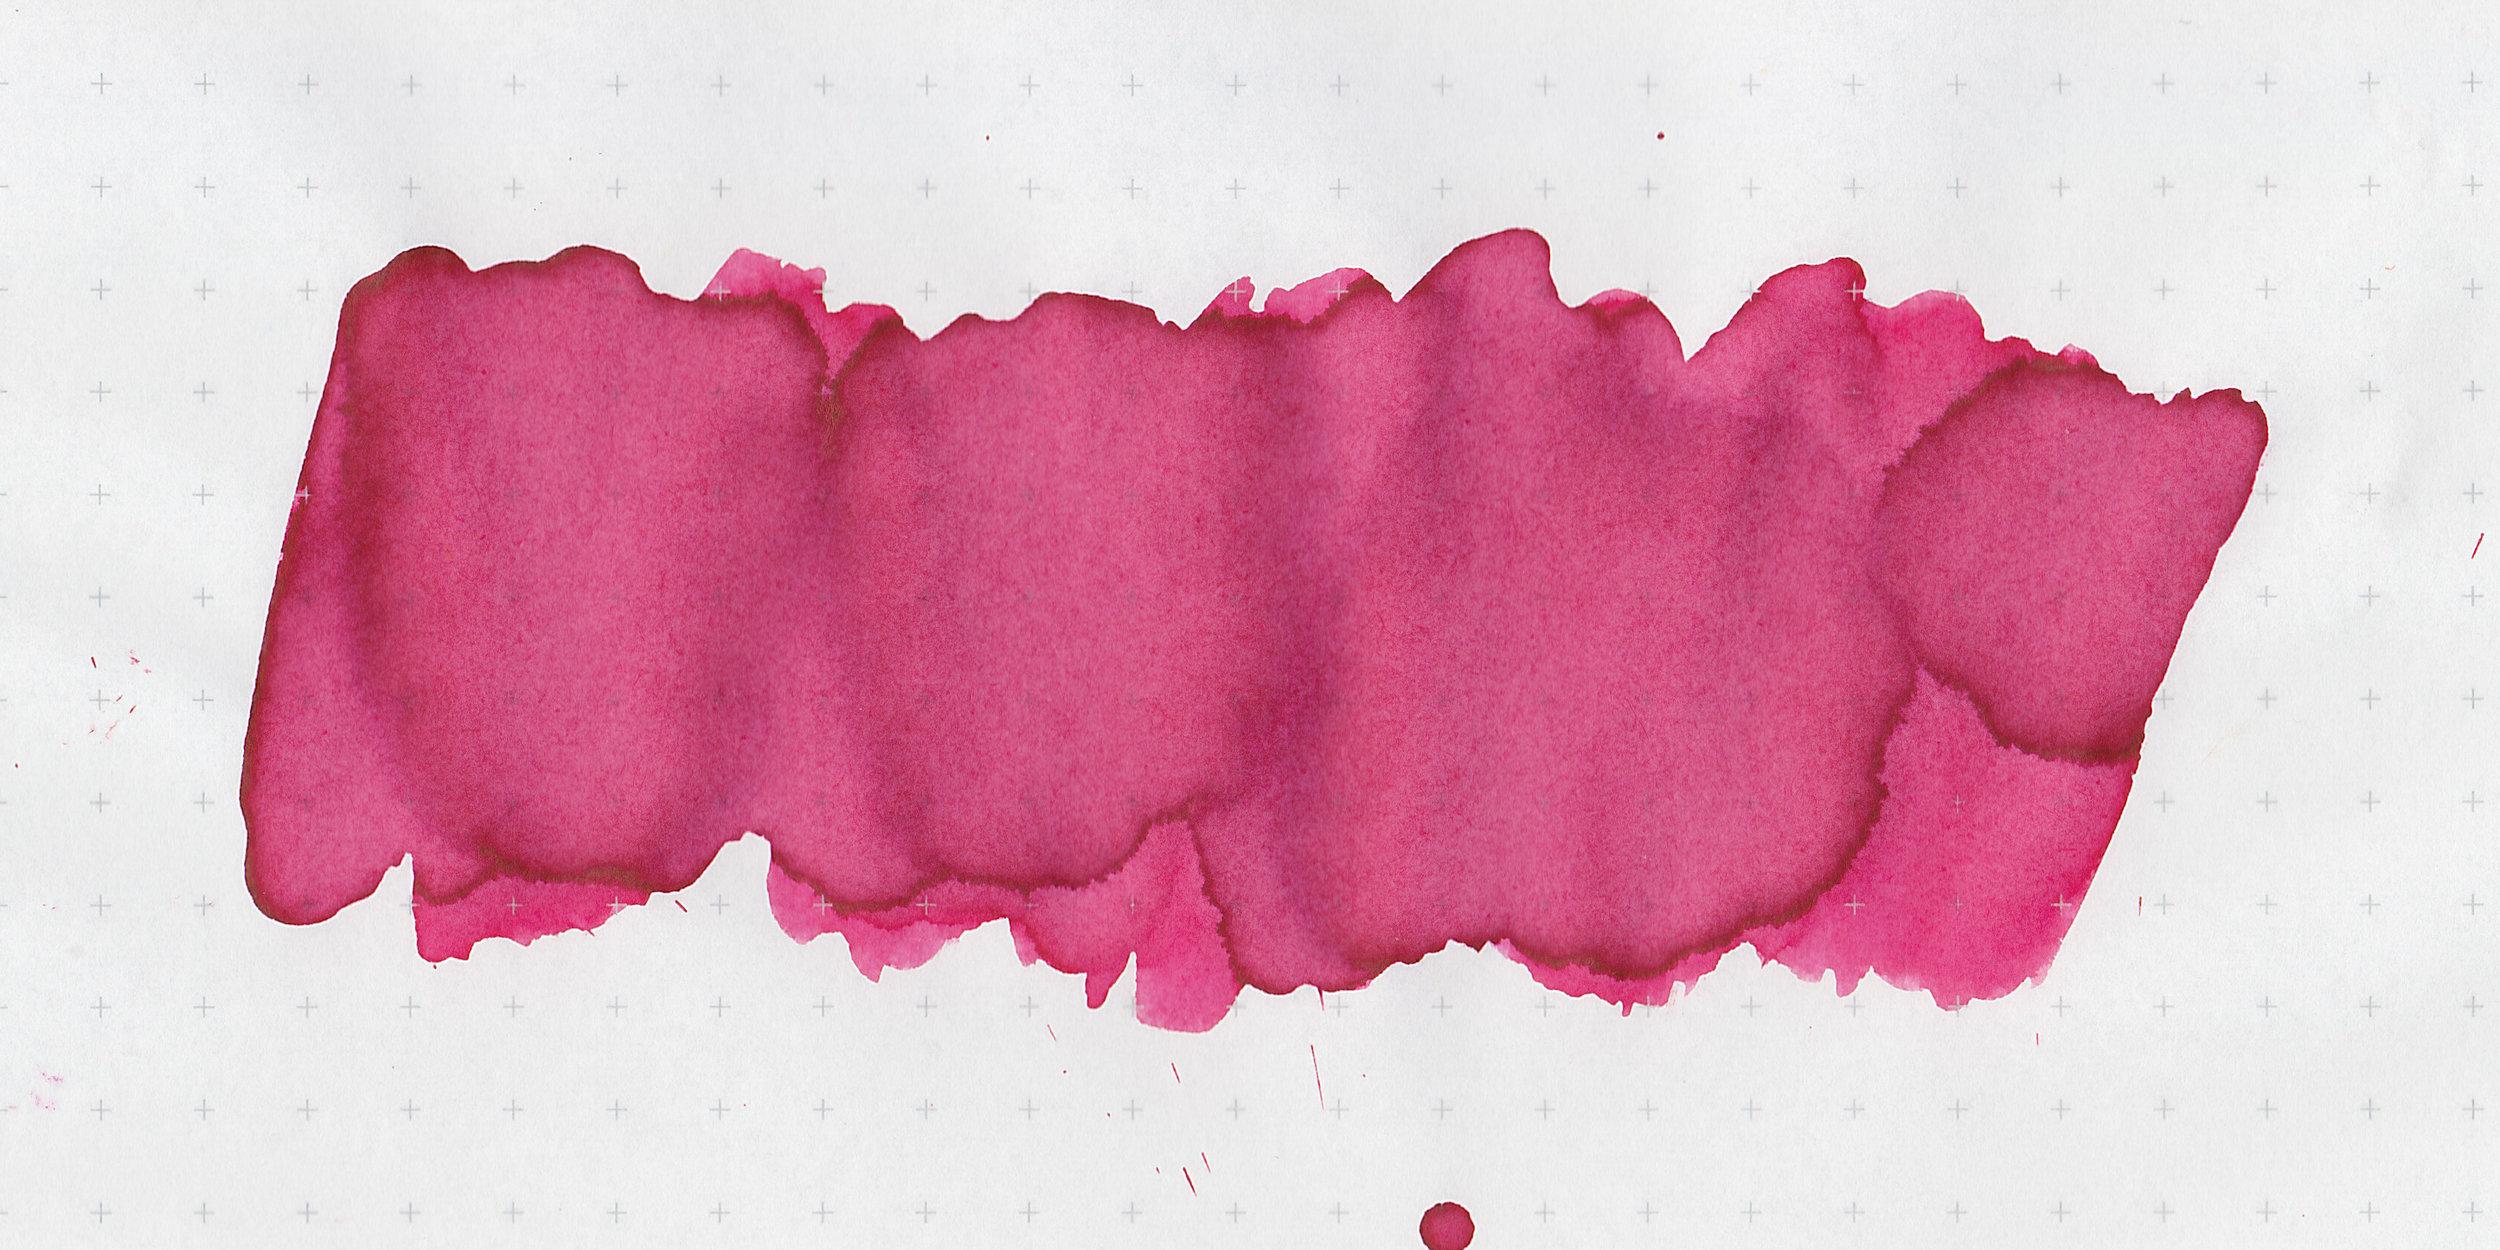 cda-divine-pink-7.jpg